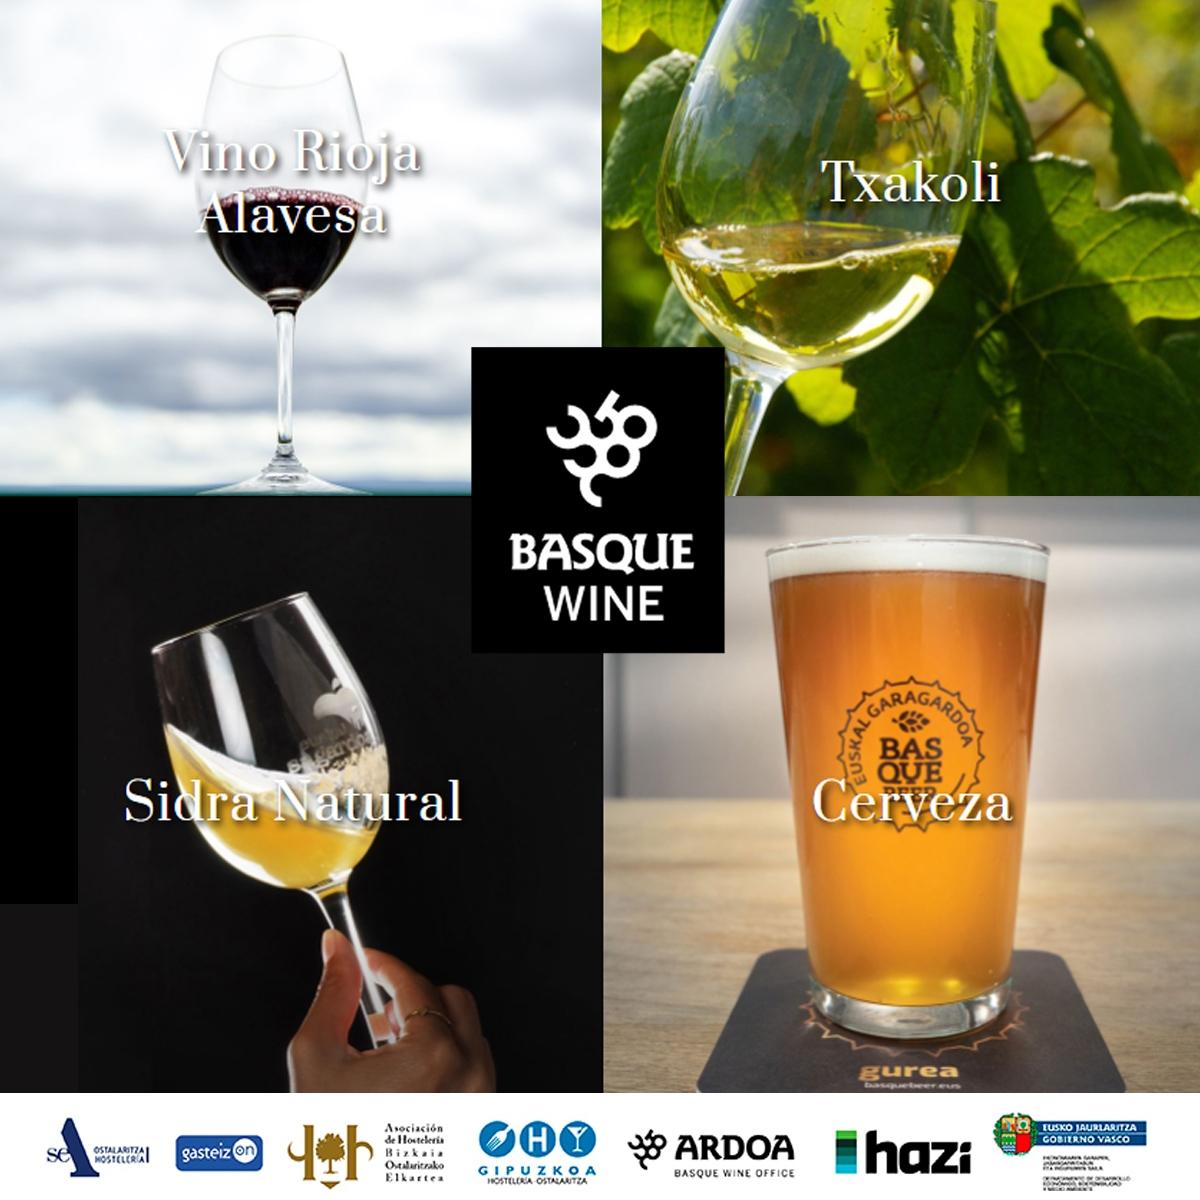 Gure ostalaritzan, Basque Wine